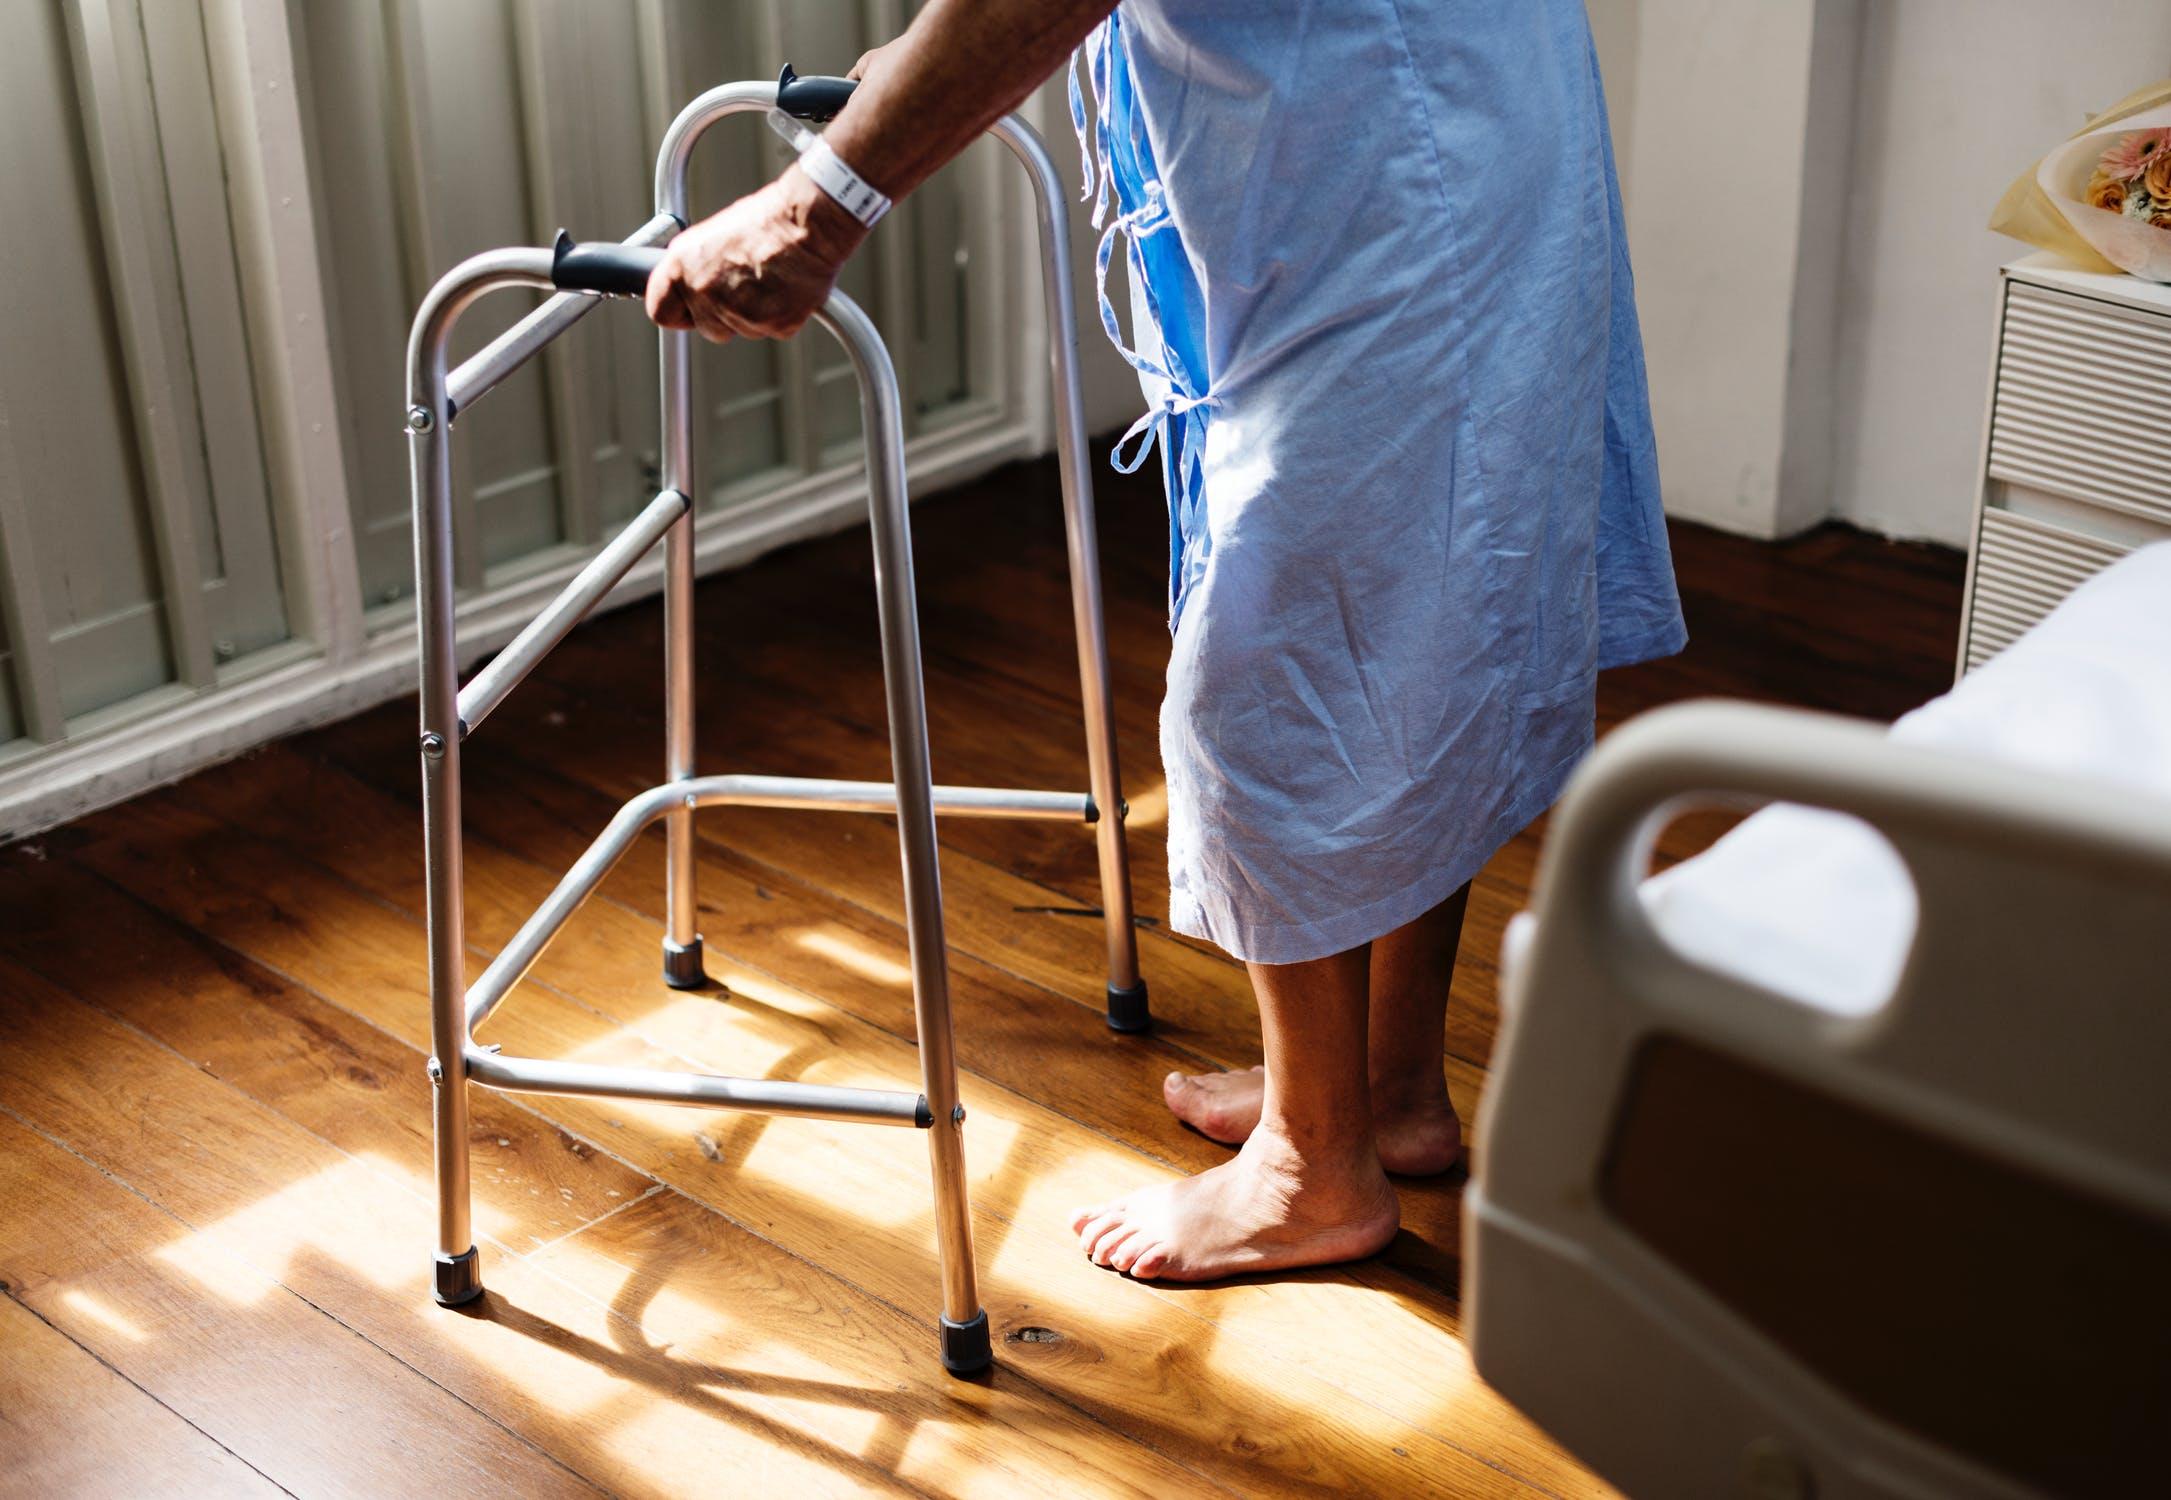 rehab centers, nursing homes